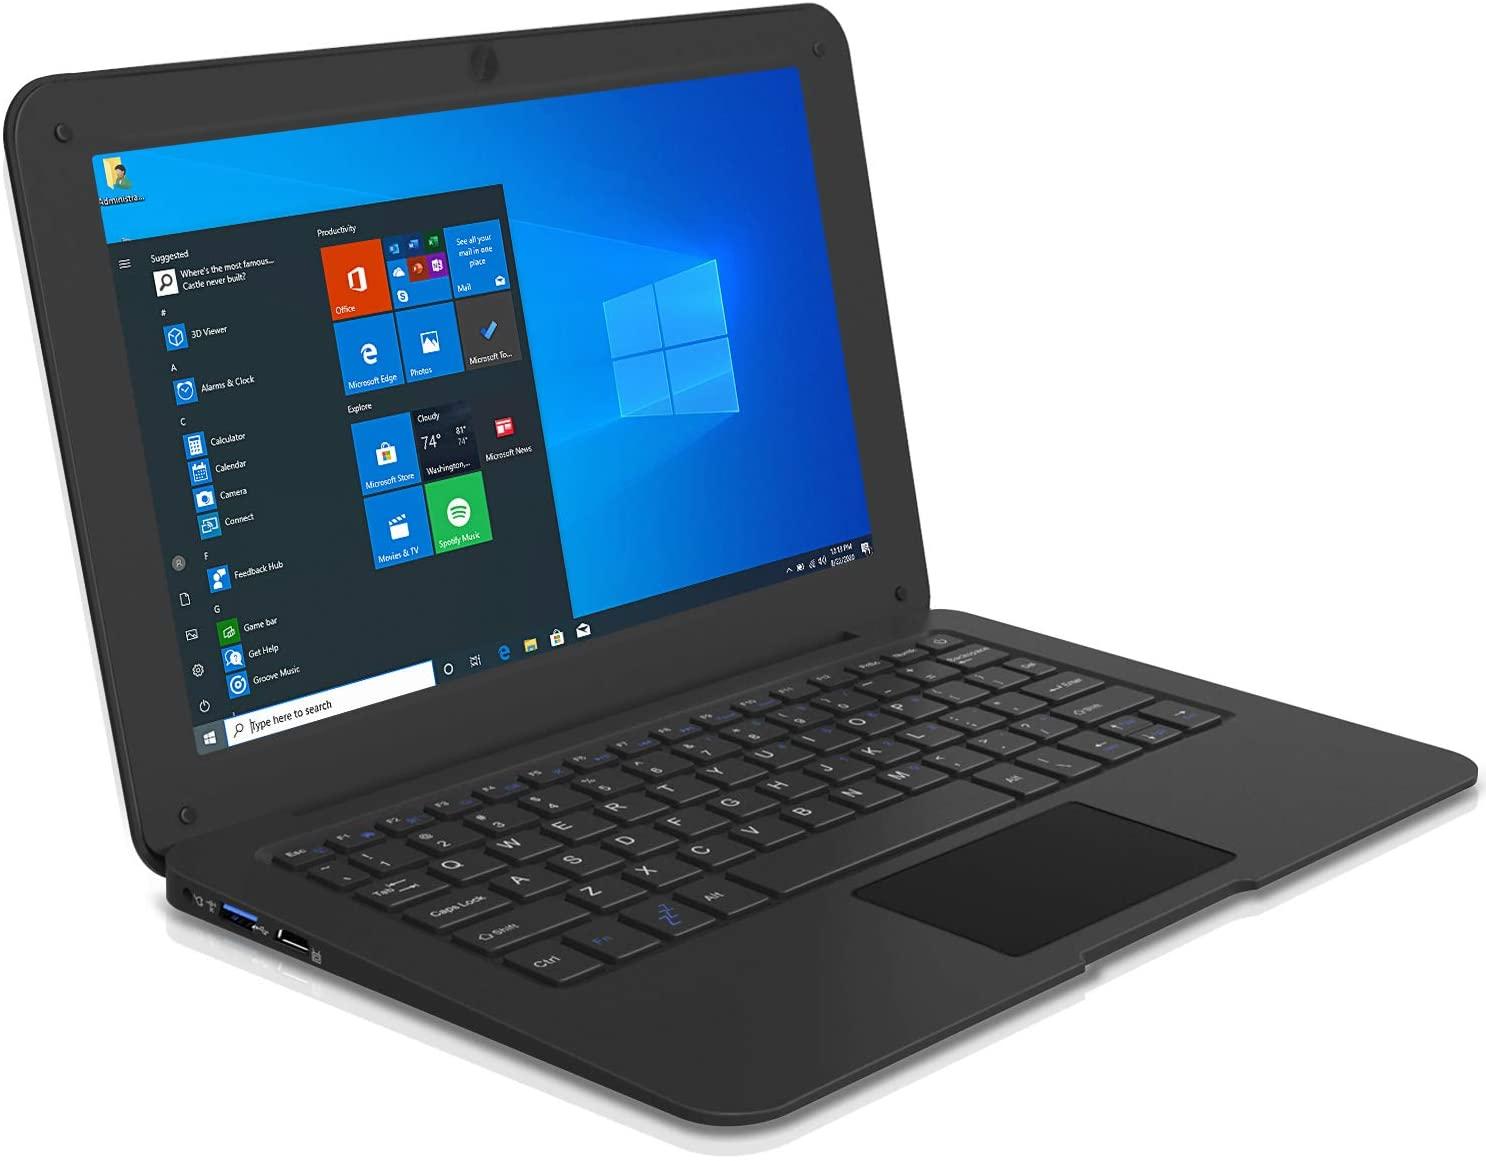 10.1 بوصة لاب توب محمول كمبيوتر مصغر رقيقة جدا دفتر مع إنتل اتوم Z8350 4GB RAM و 64GB التخزين مع Windows10 OS